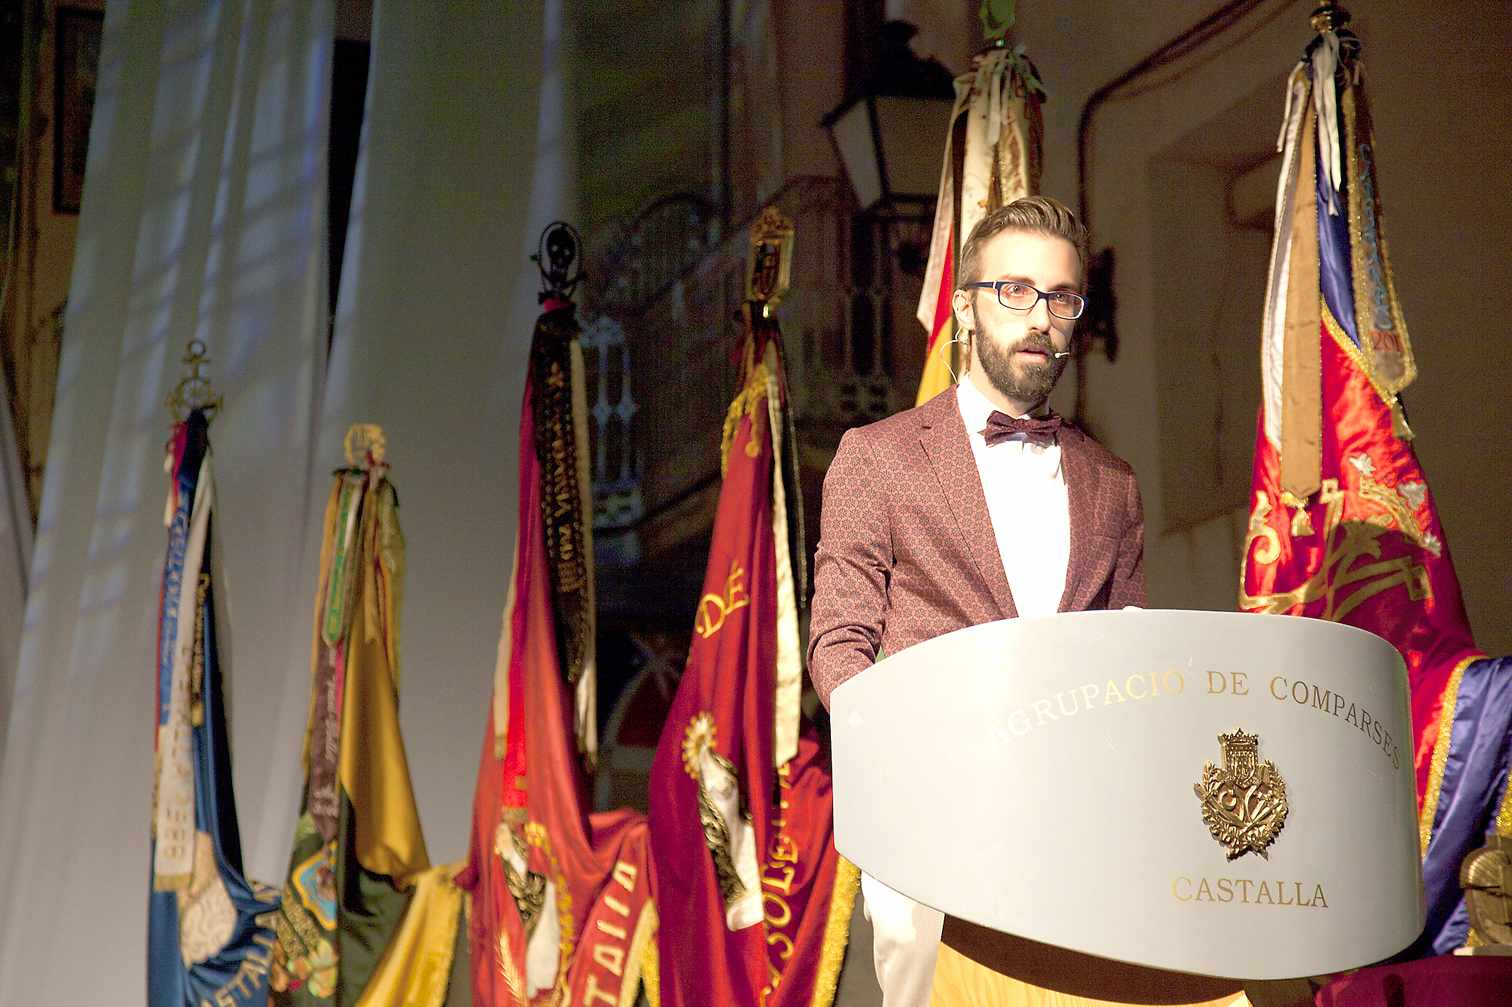 David Bornay Egido, nuevo presidente de la Agrupación de Comparsas de Castalla